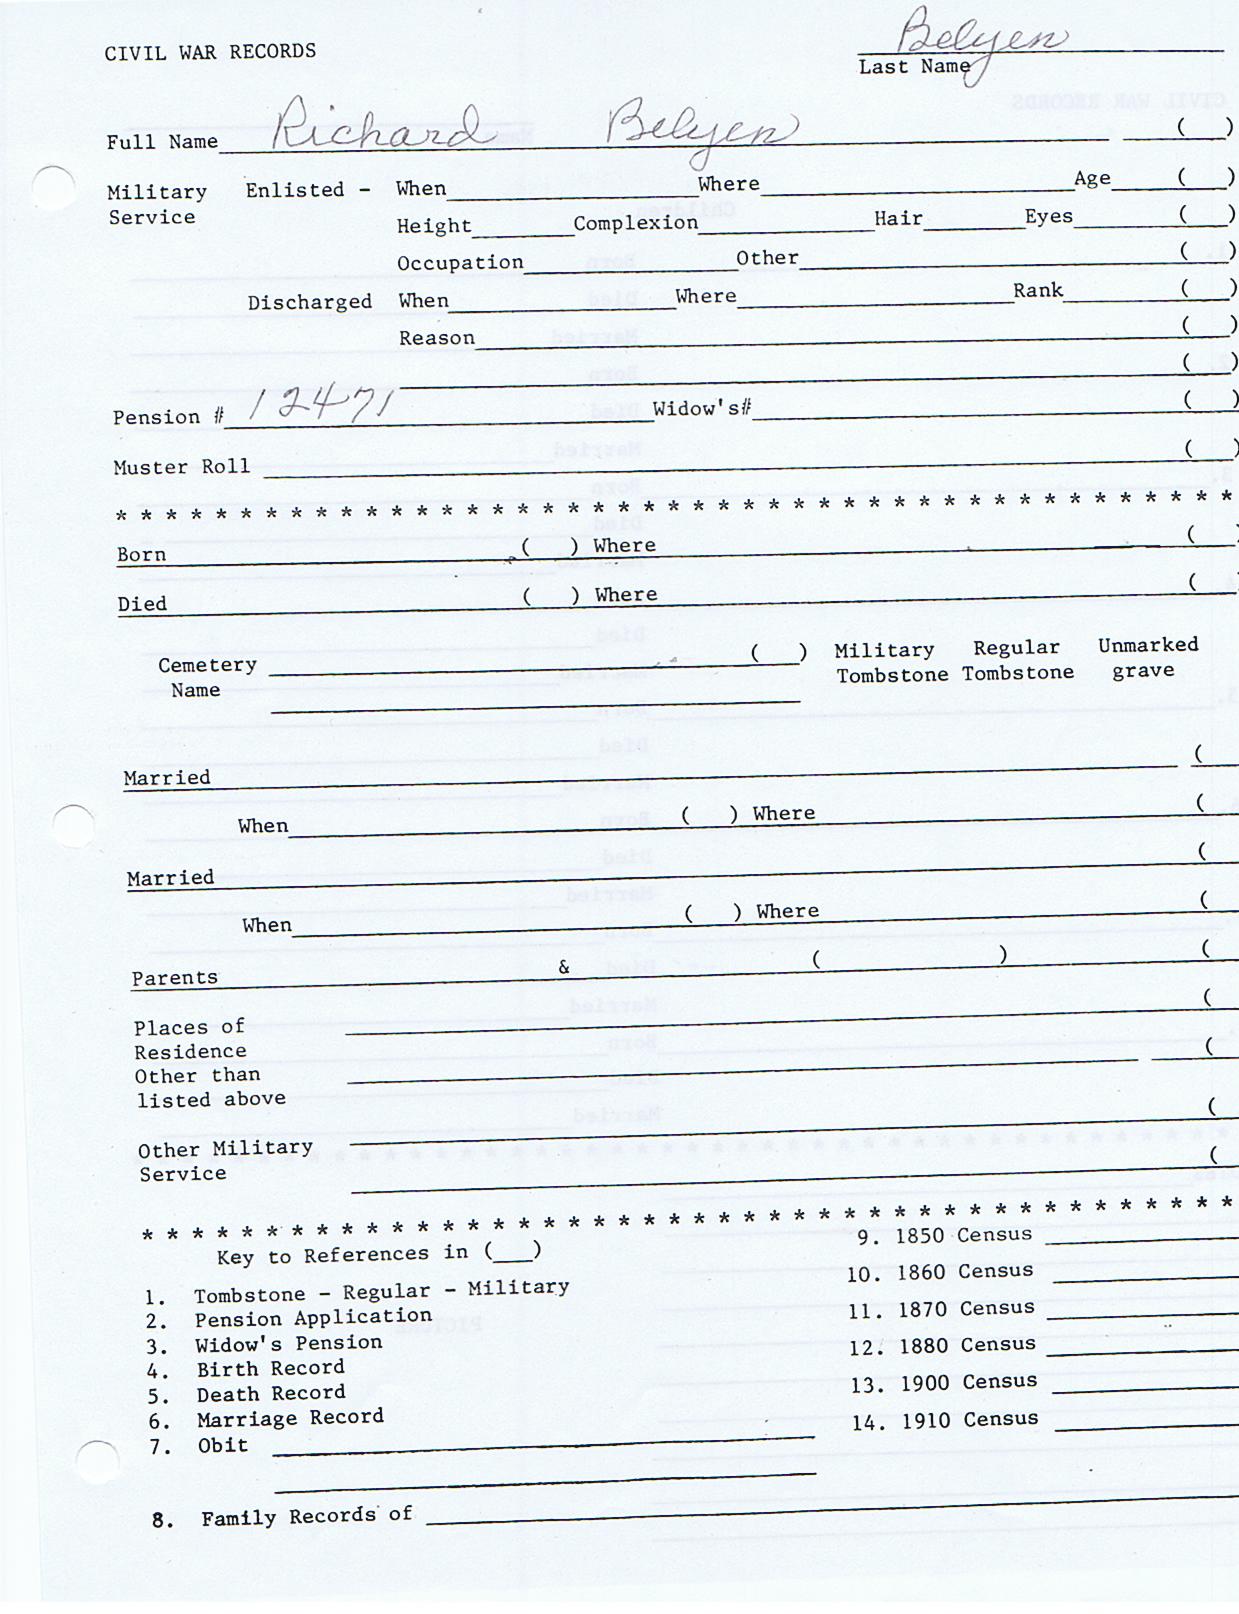 belyen-kaufman_civil_war_records-3505